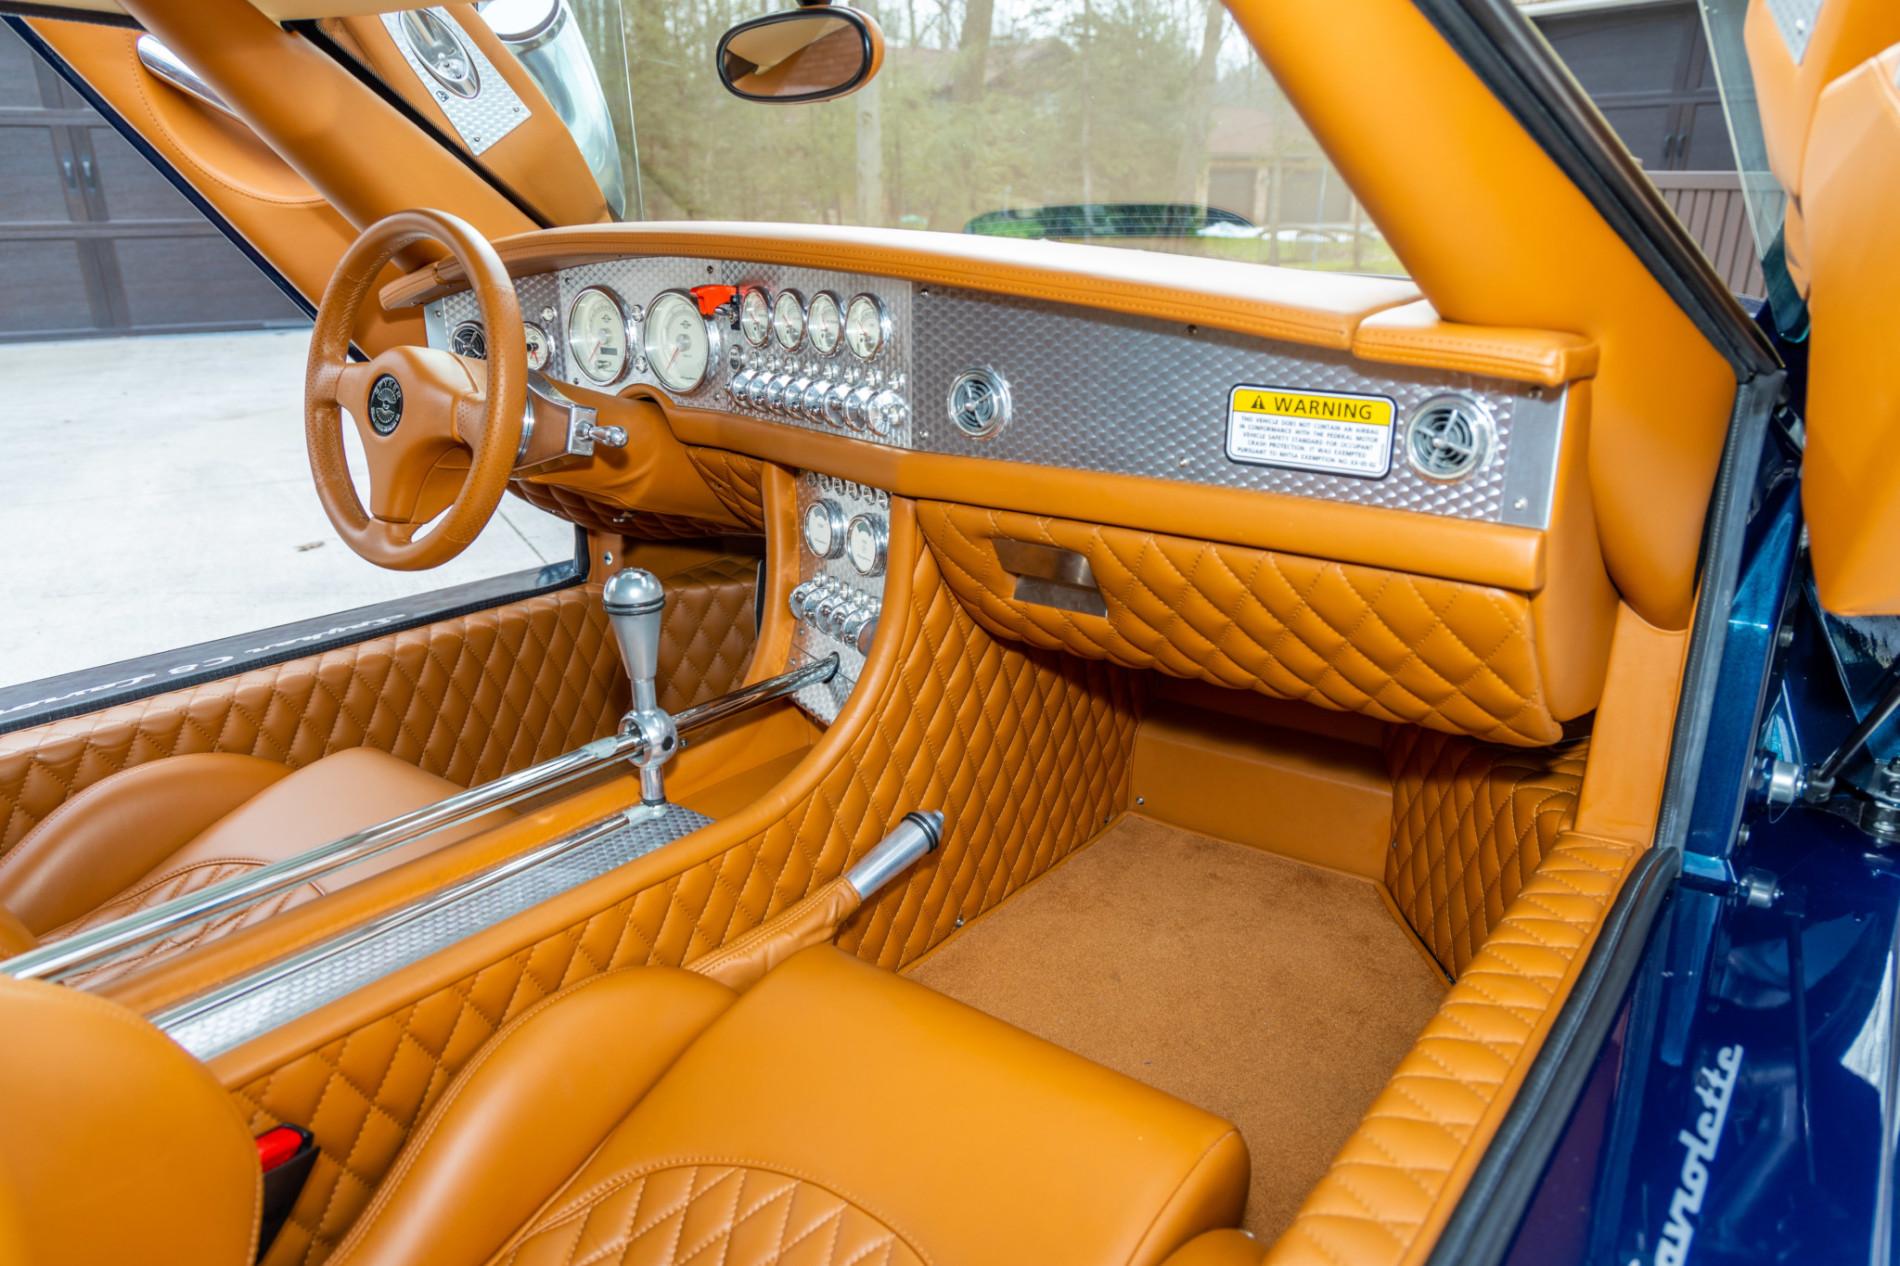 Spyker C8 Laviolette de vanzare - Spyker C8 Laviolette de vanzare